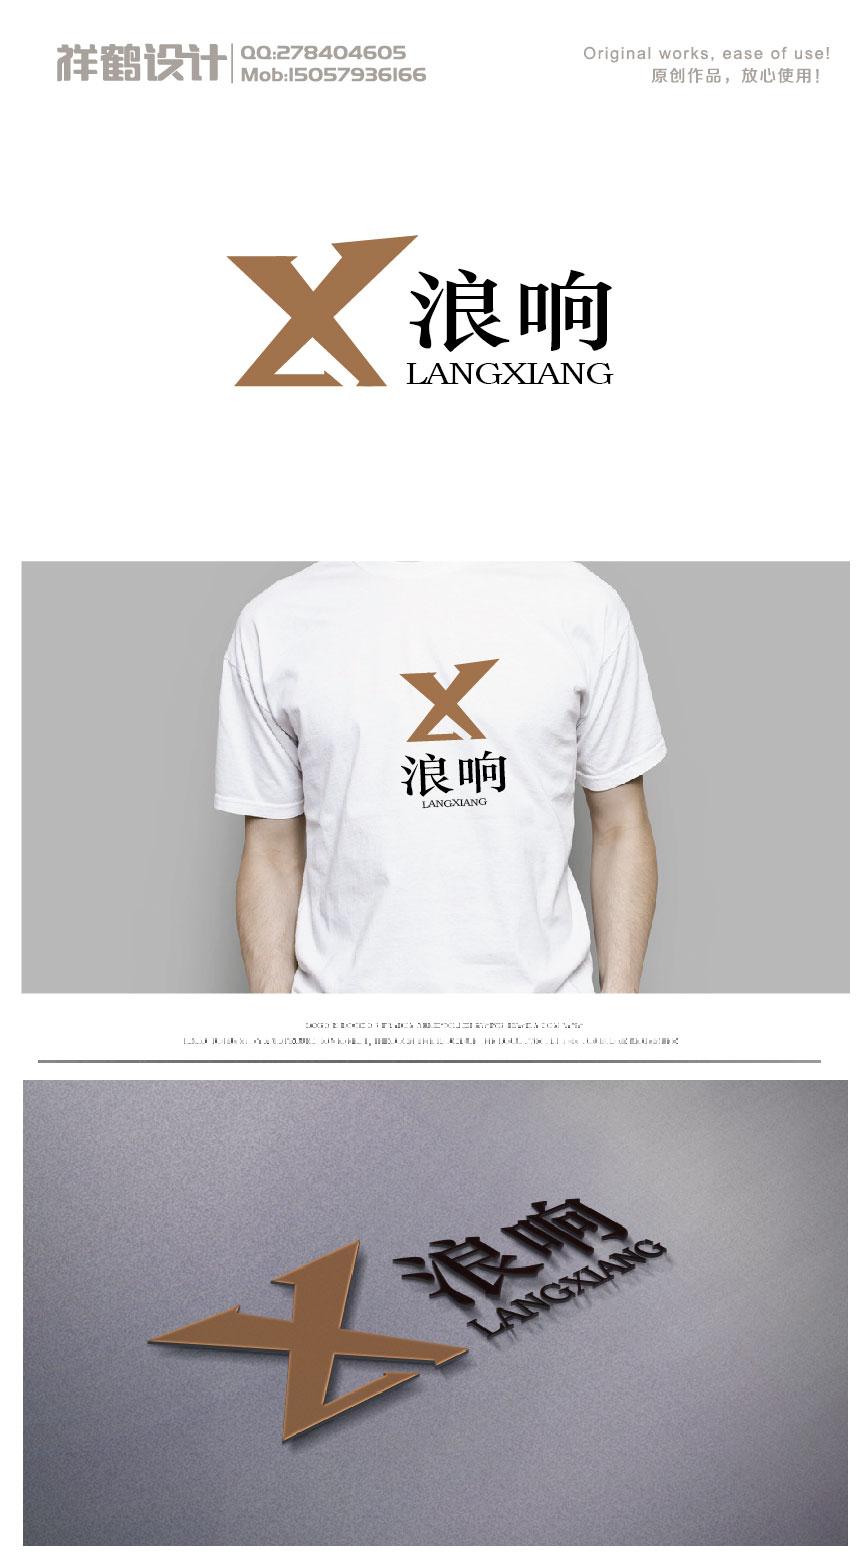 服装企业LOGO设计_3007910_k68威客网